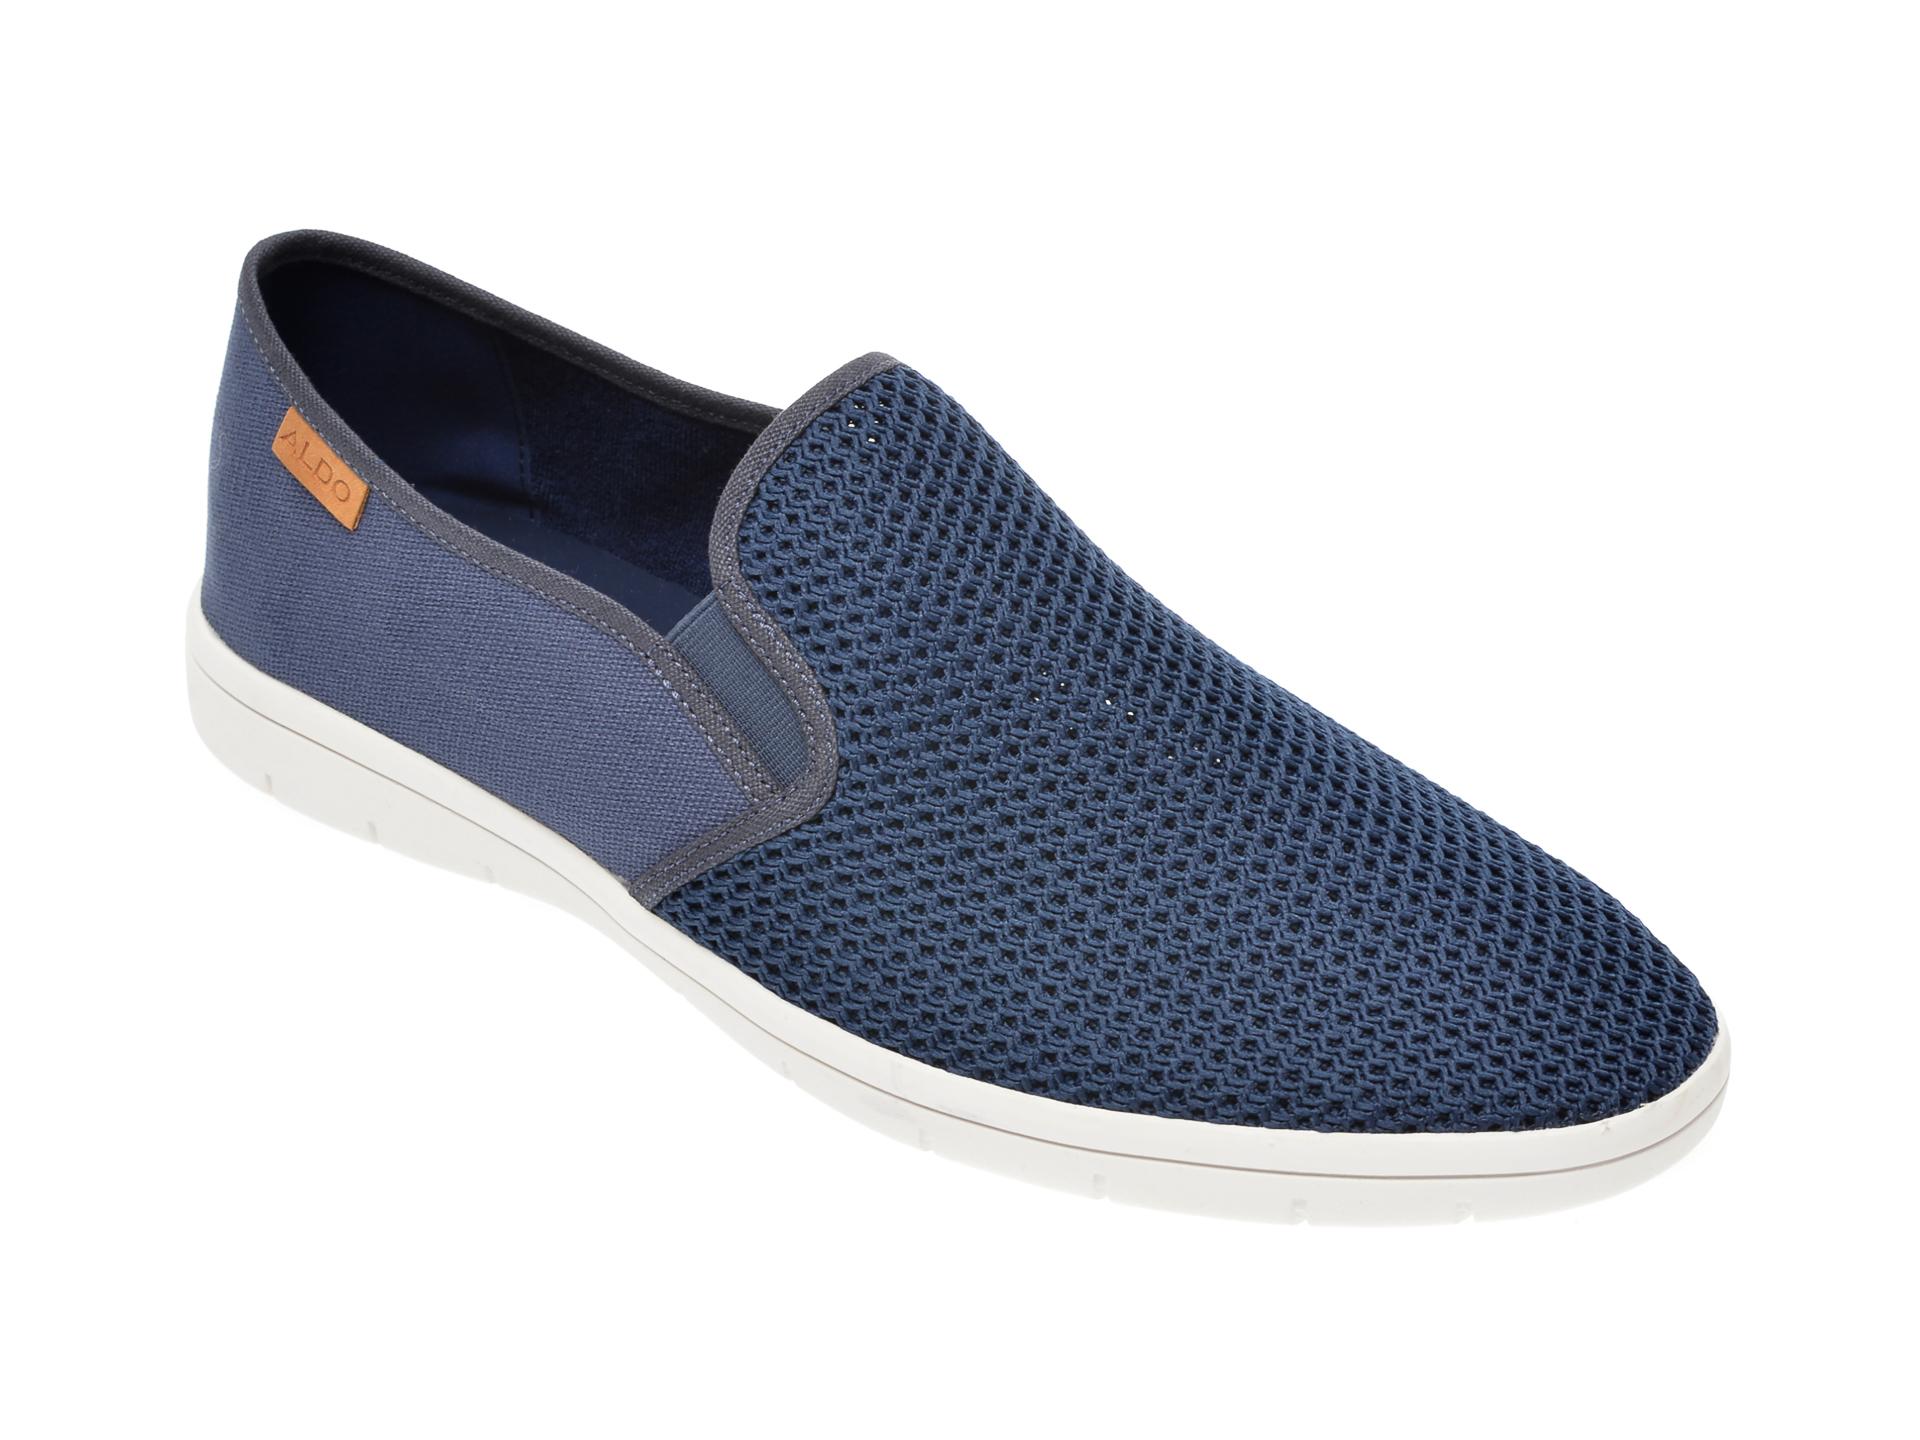 Pantofi Aldo Bleumarin, Liberace410, Din Material Textil